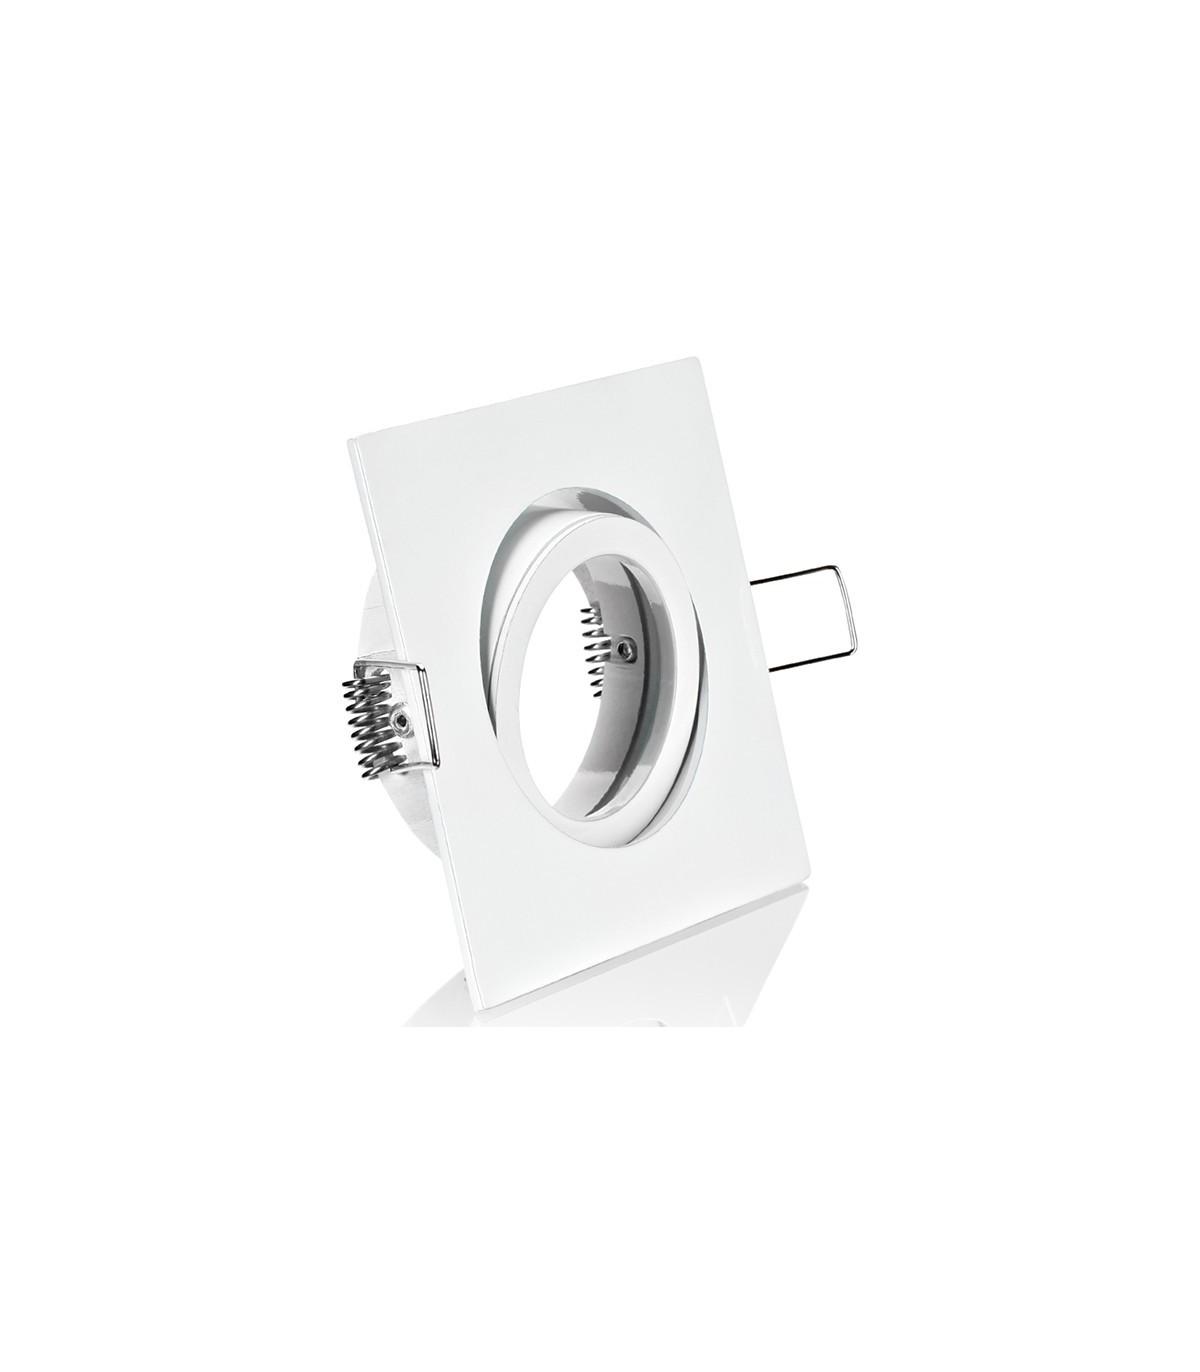 copy of pivoting square spotlight frame for 5 cm white Holder Measure Milwaukeetape